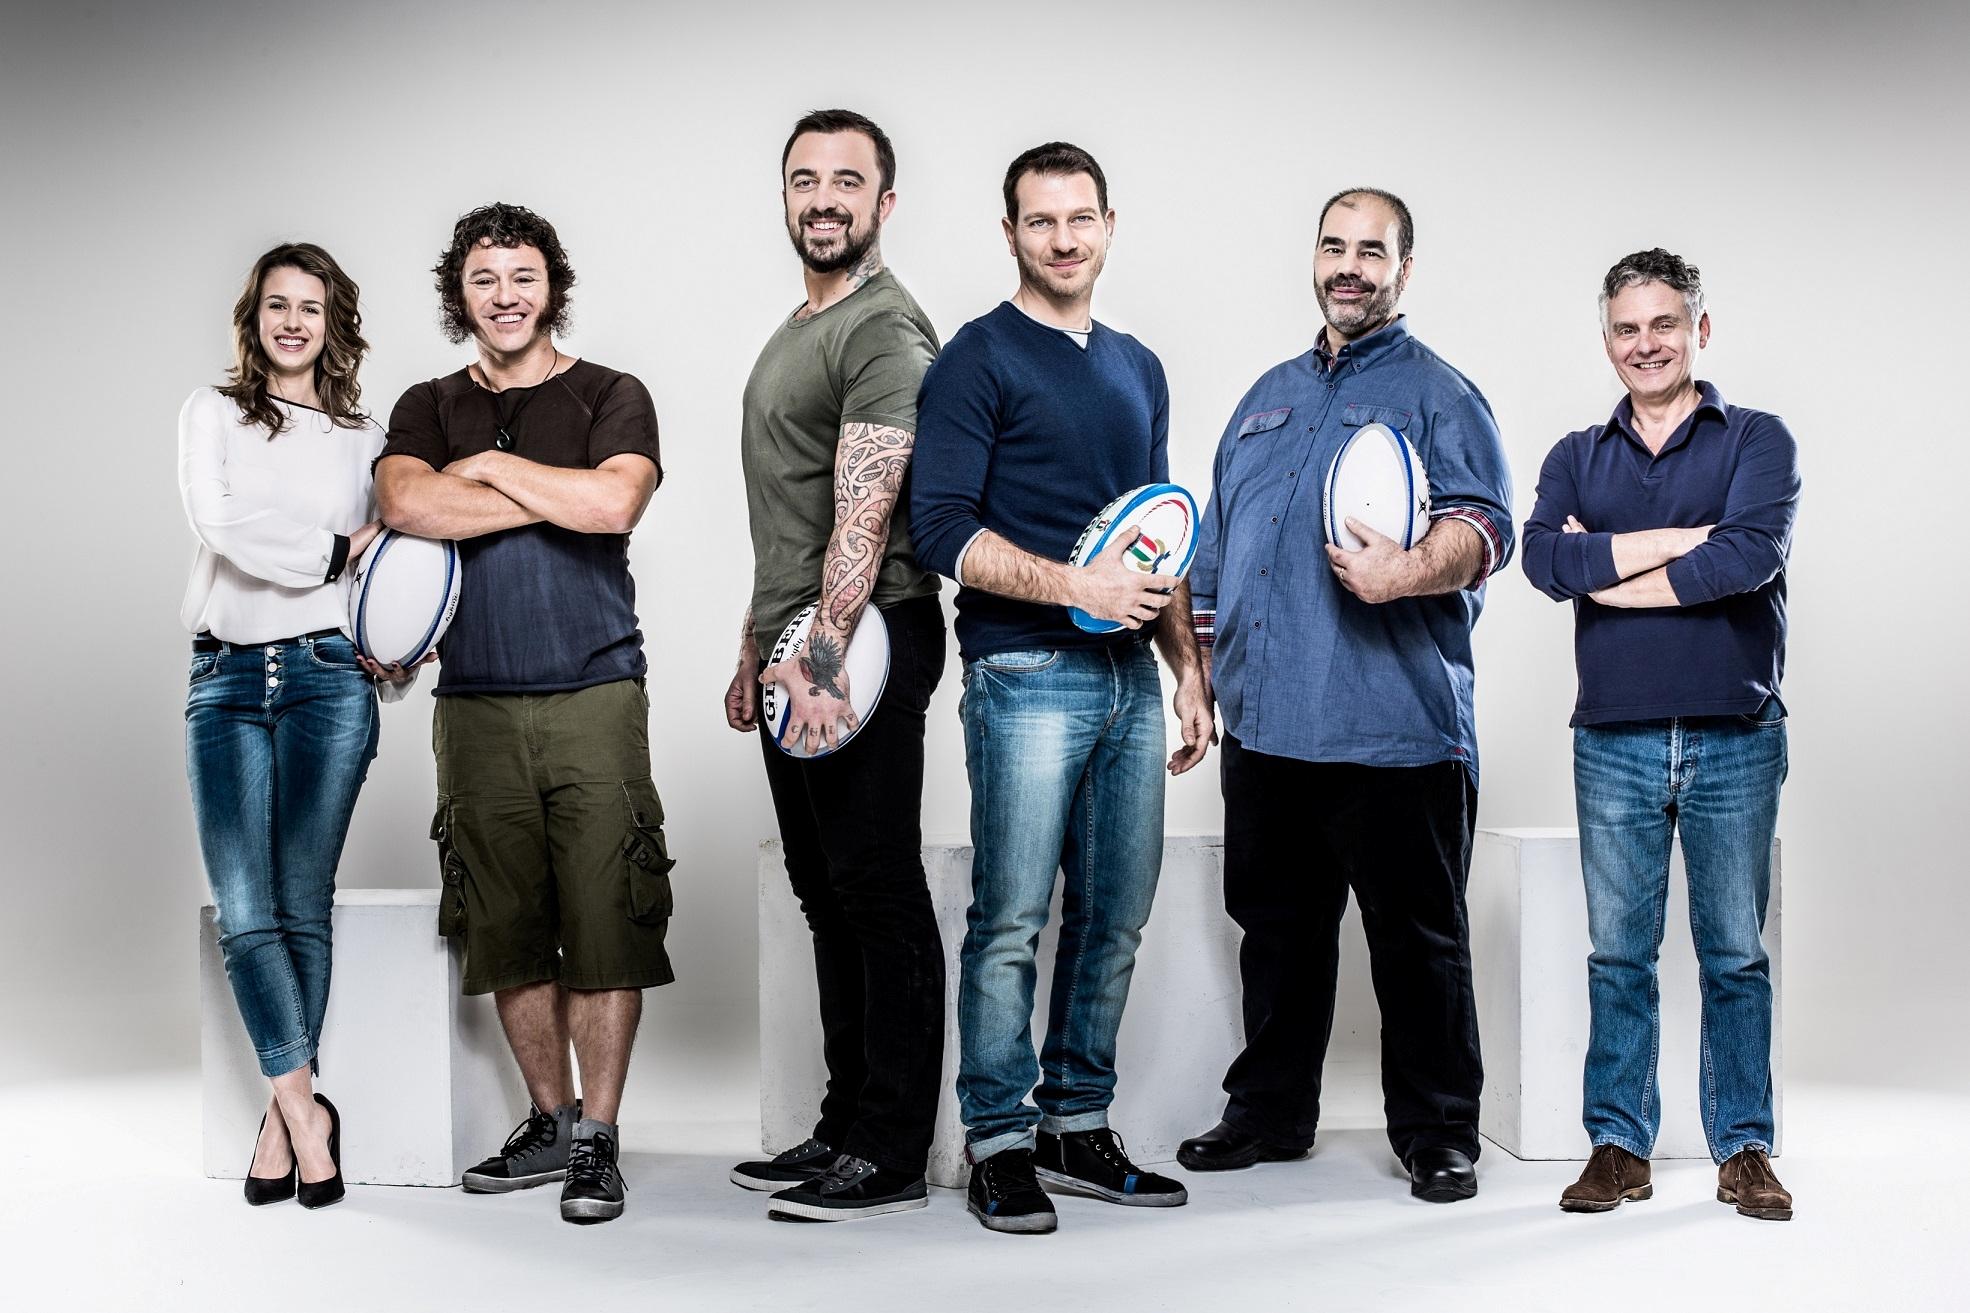 L'Italia del rugby : date, orari e informazioni sui Test Match in onda su Dmax